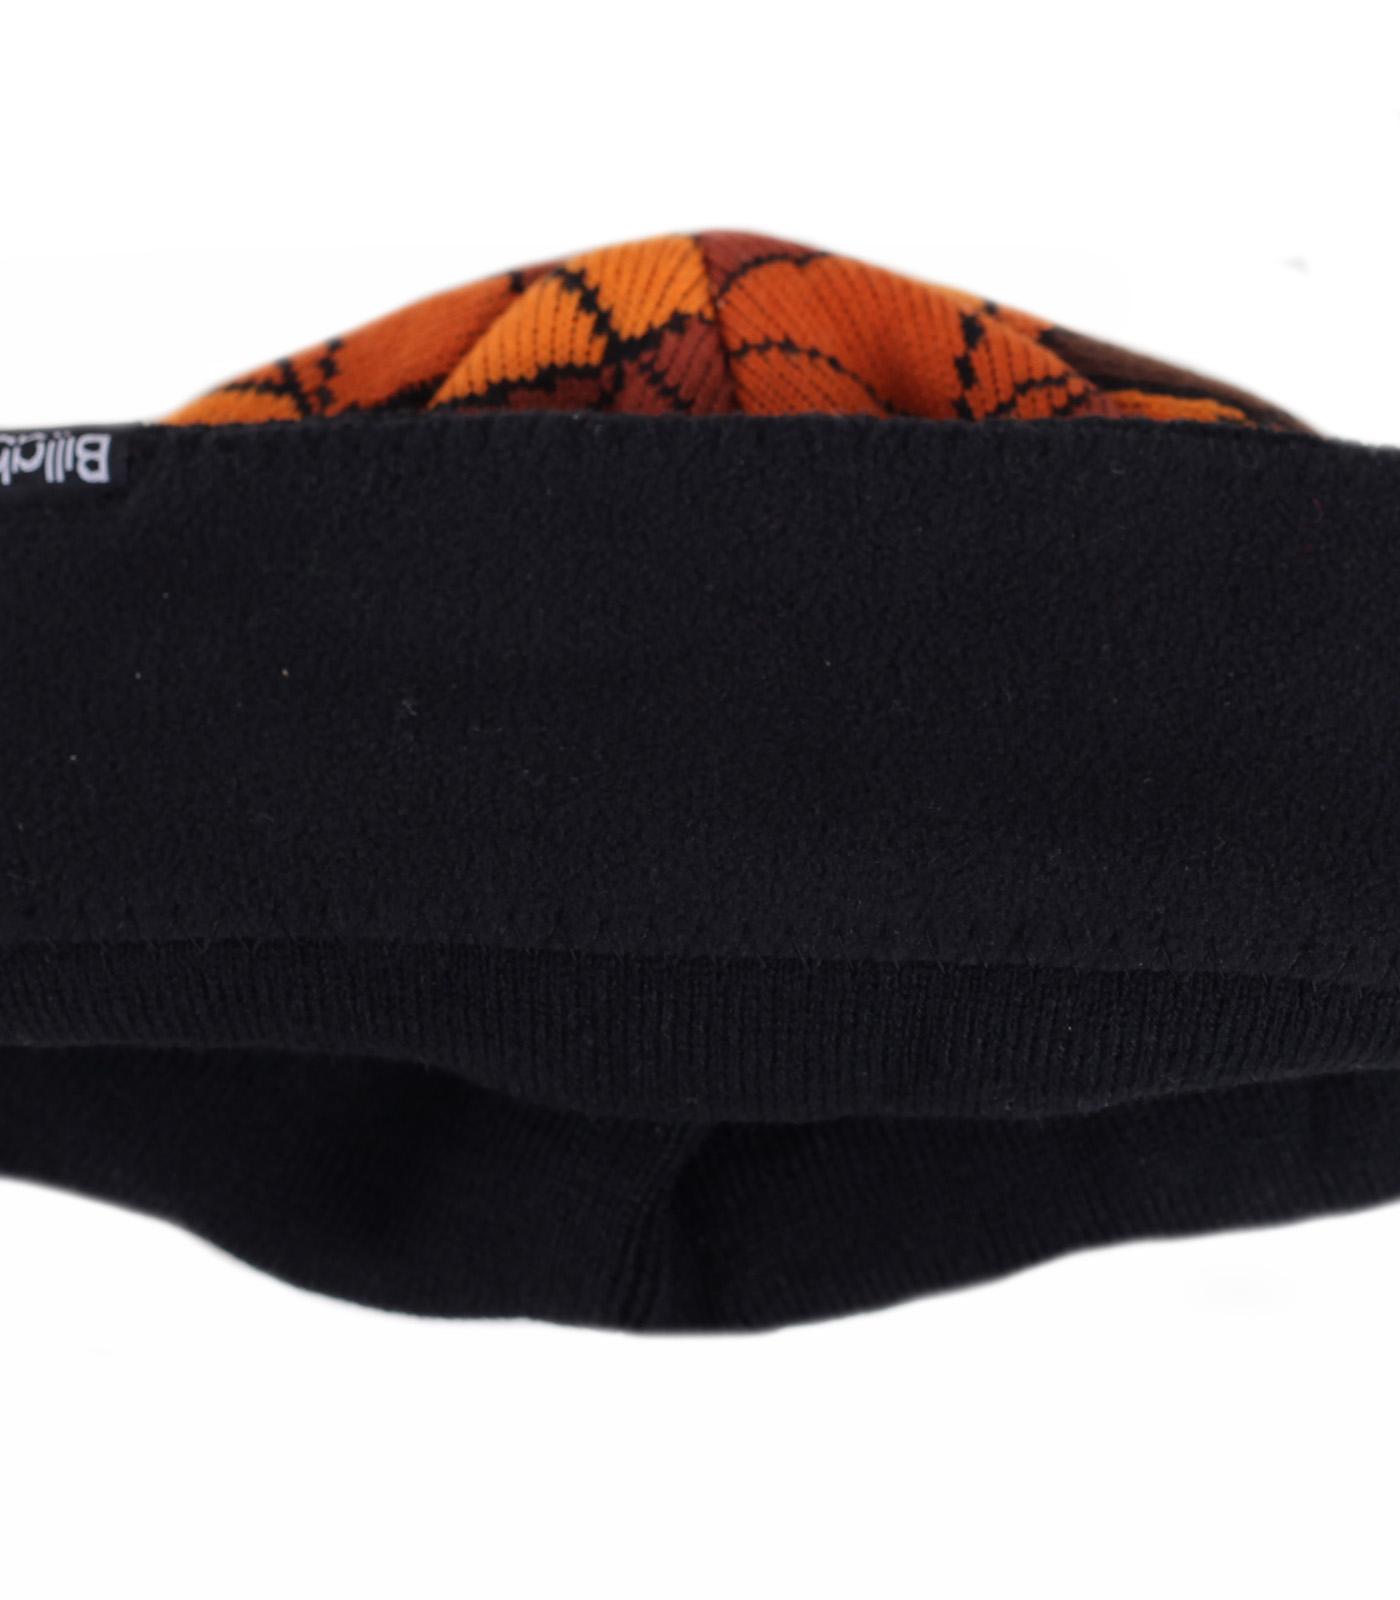 Купить качественную пестрой расцветки шапку бренда Billabong супер модную модель по лучшей цене